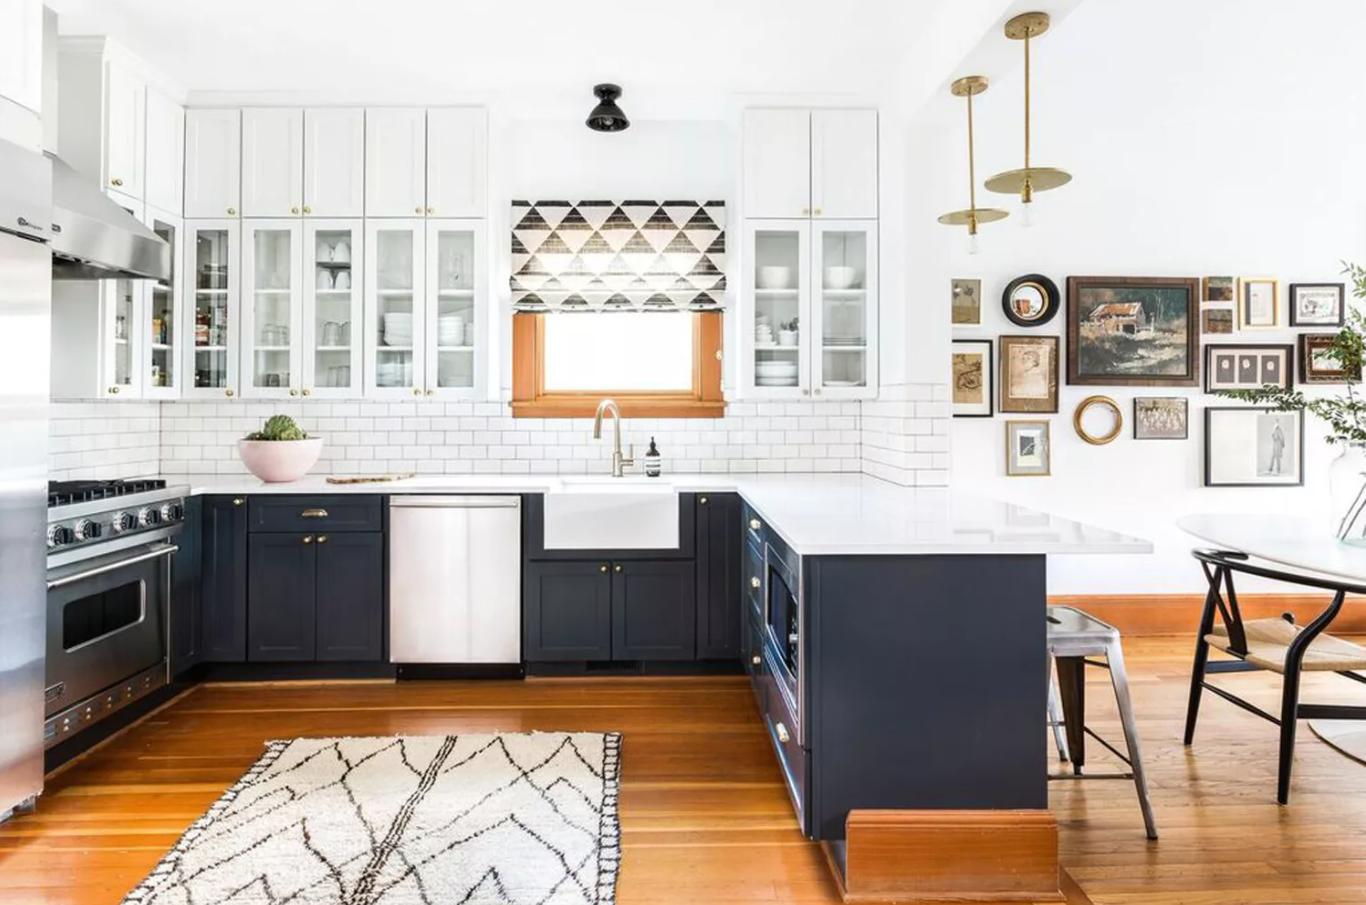 U shaped modern kitchen design ideas